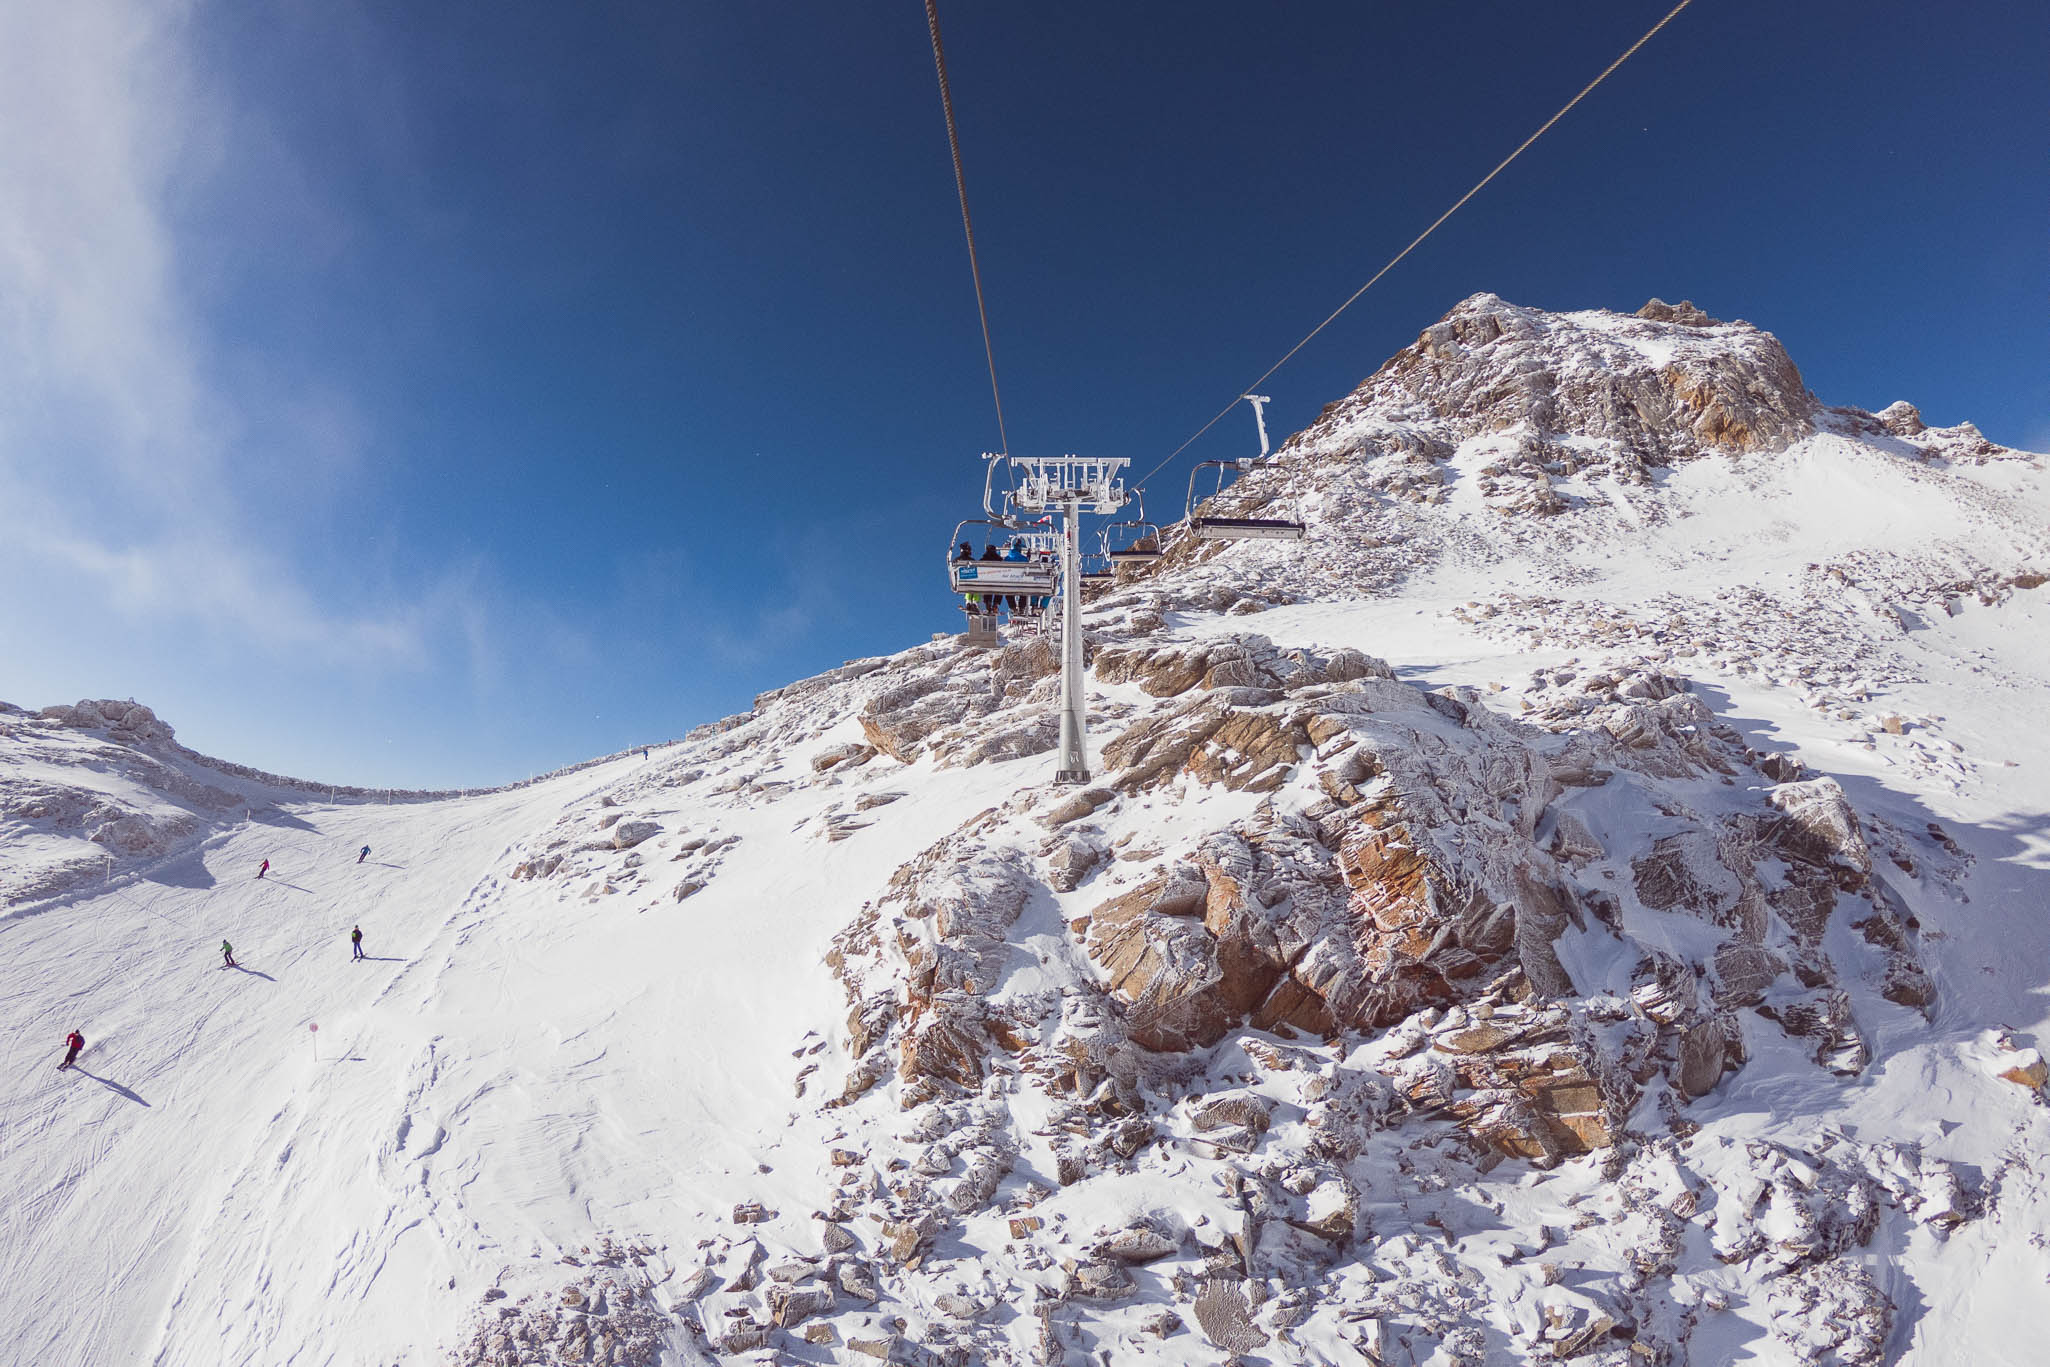 Molltaler Gletscher - www.jusmedic.com